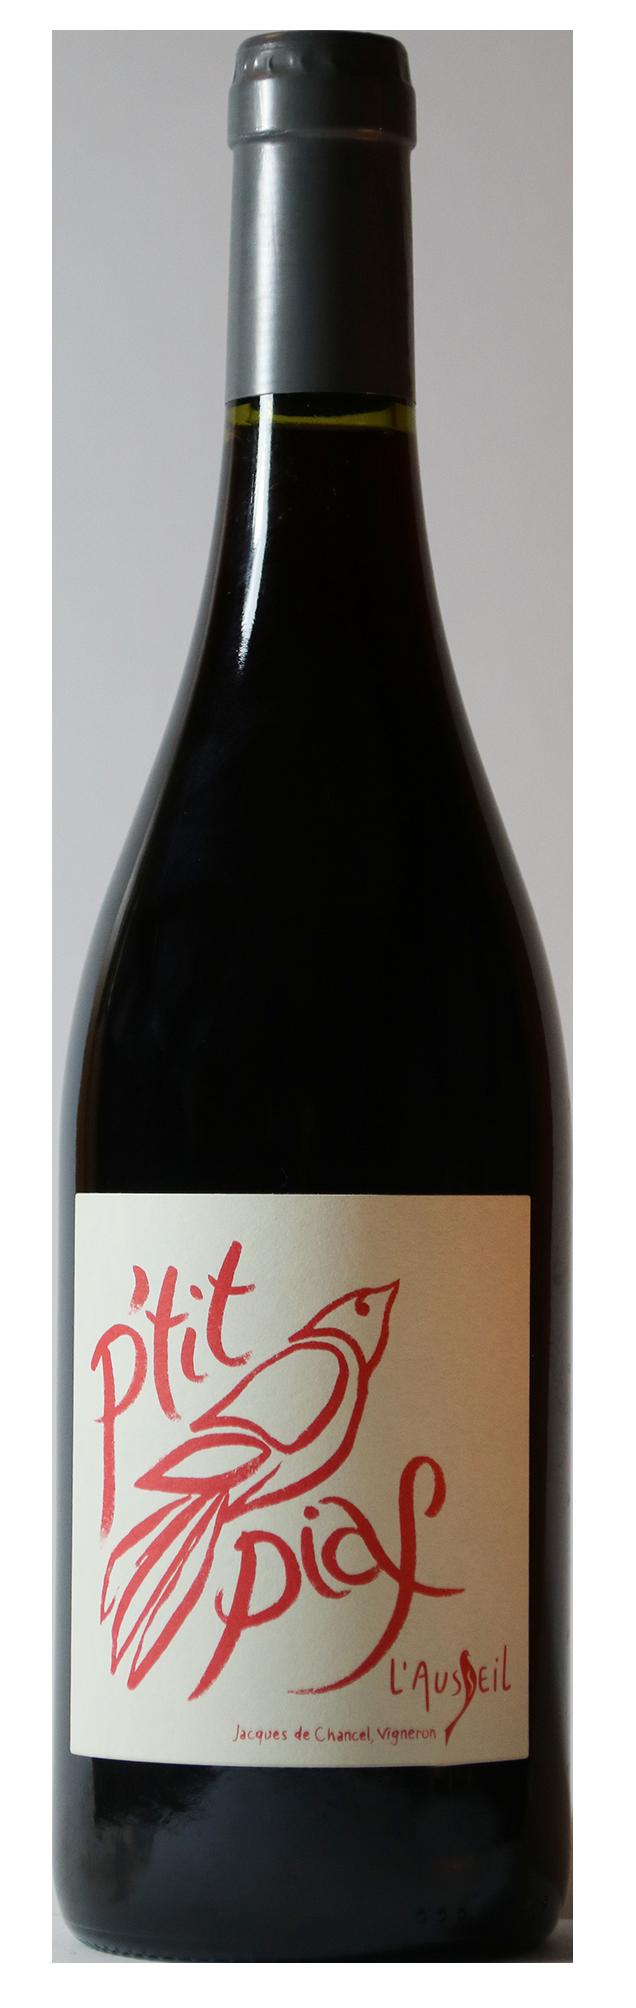 Bouteille de vin rouge naturel, cuvée P'tit Piaf 2019 Domaine de l'Ausseil